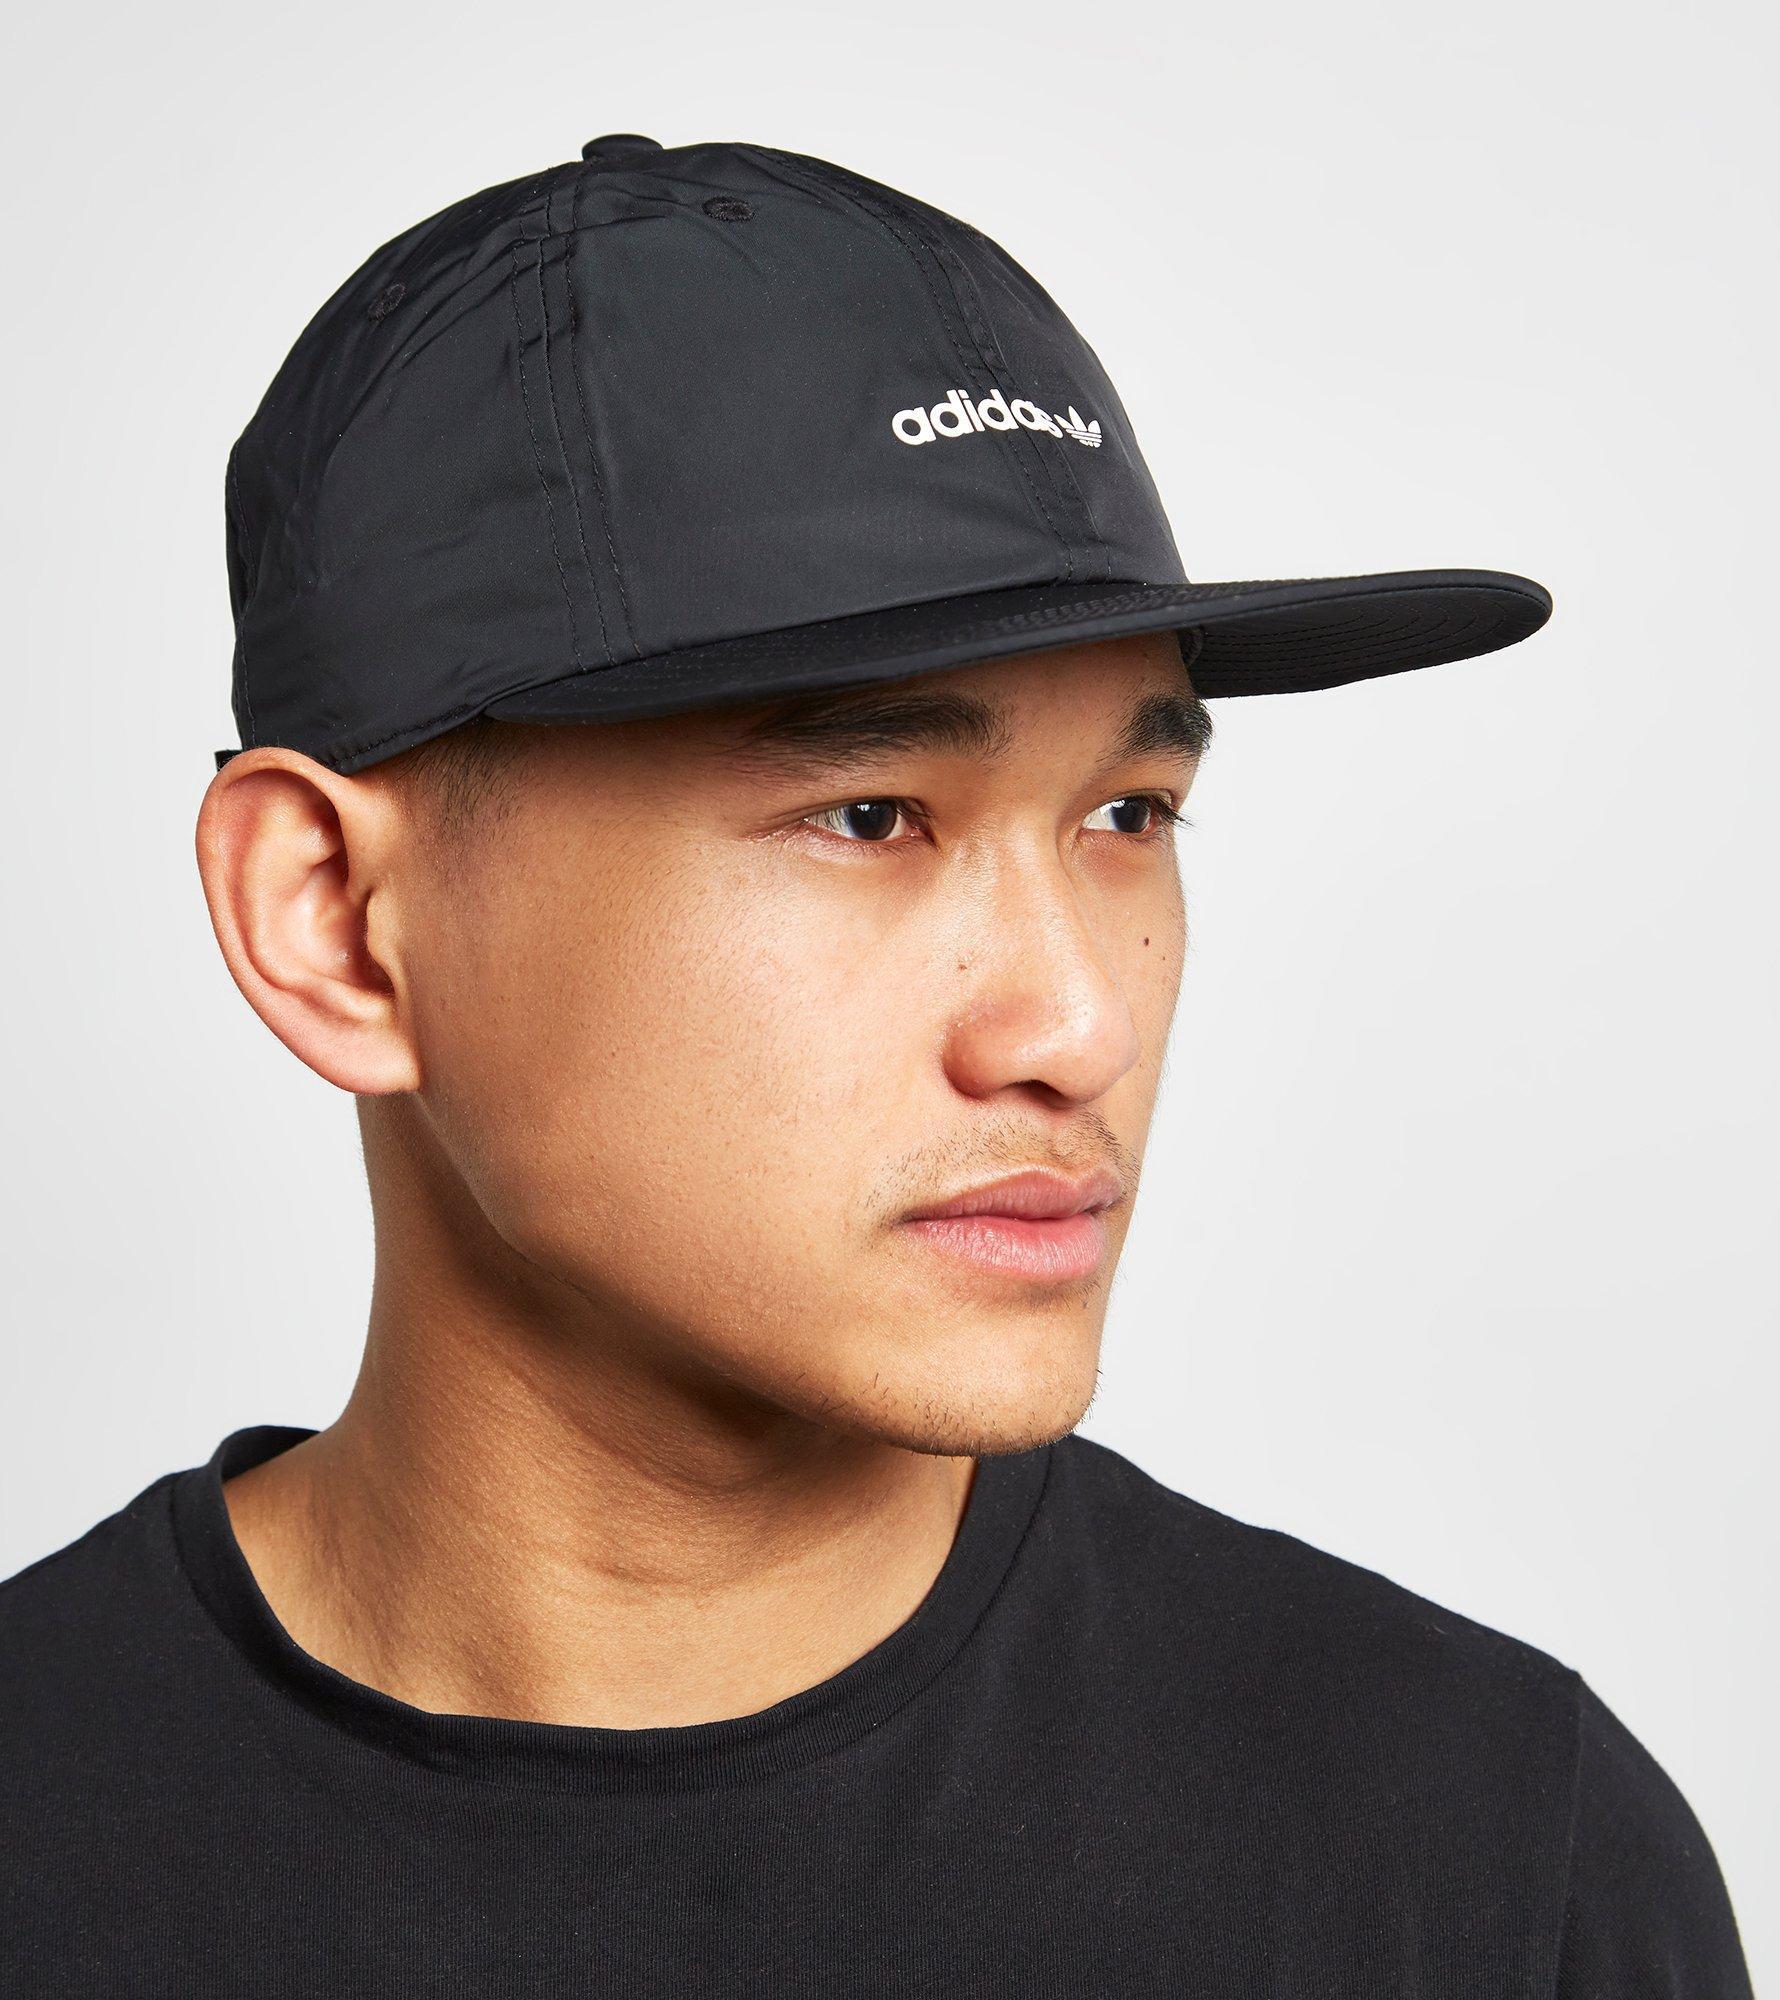 adidas Originals Floppy 6 Panel Cap in Black for Men - Lyst 7ef0980d732